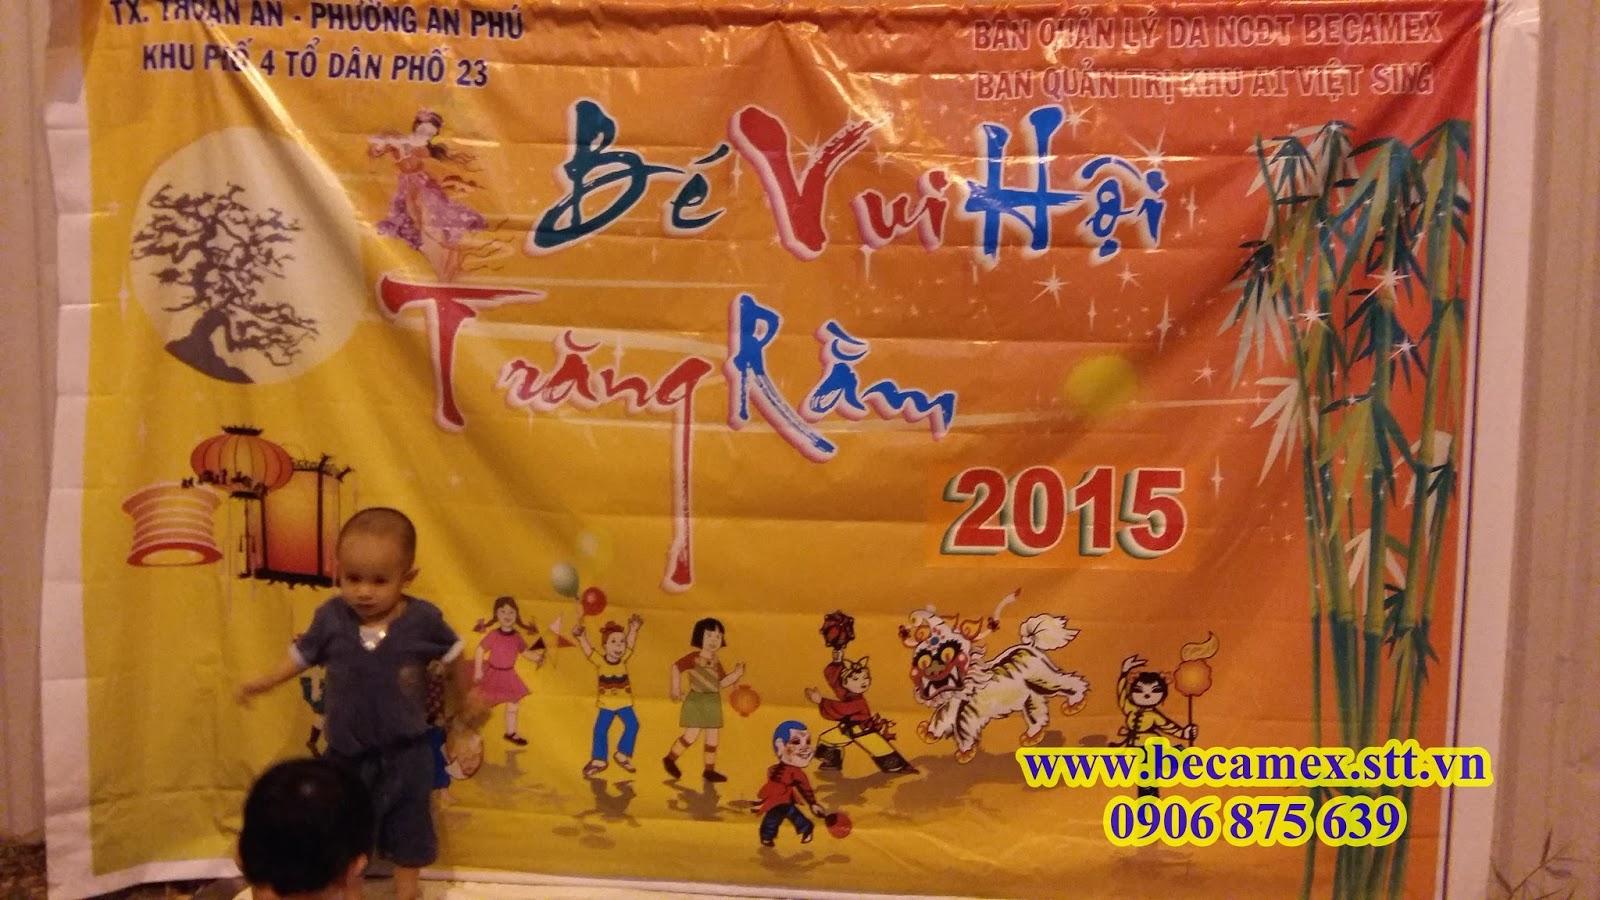 http://www.becamex.stt.vn/2015/09/nha-o-xa-hoi-vsip1-thuan-thong-tin-chi.html